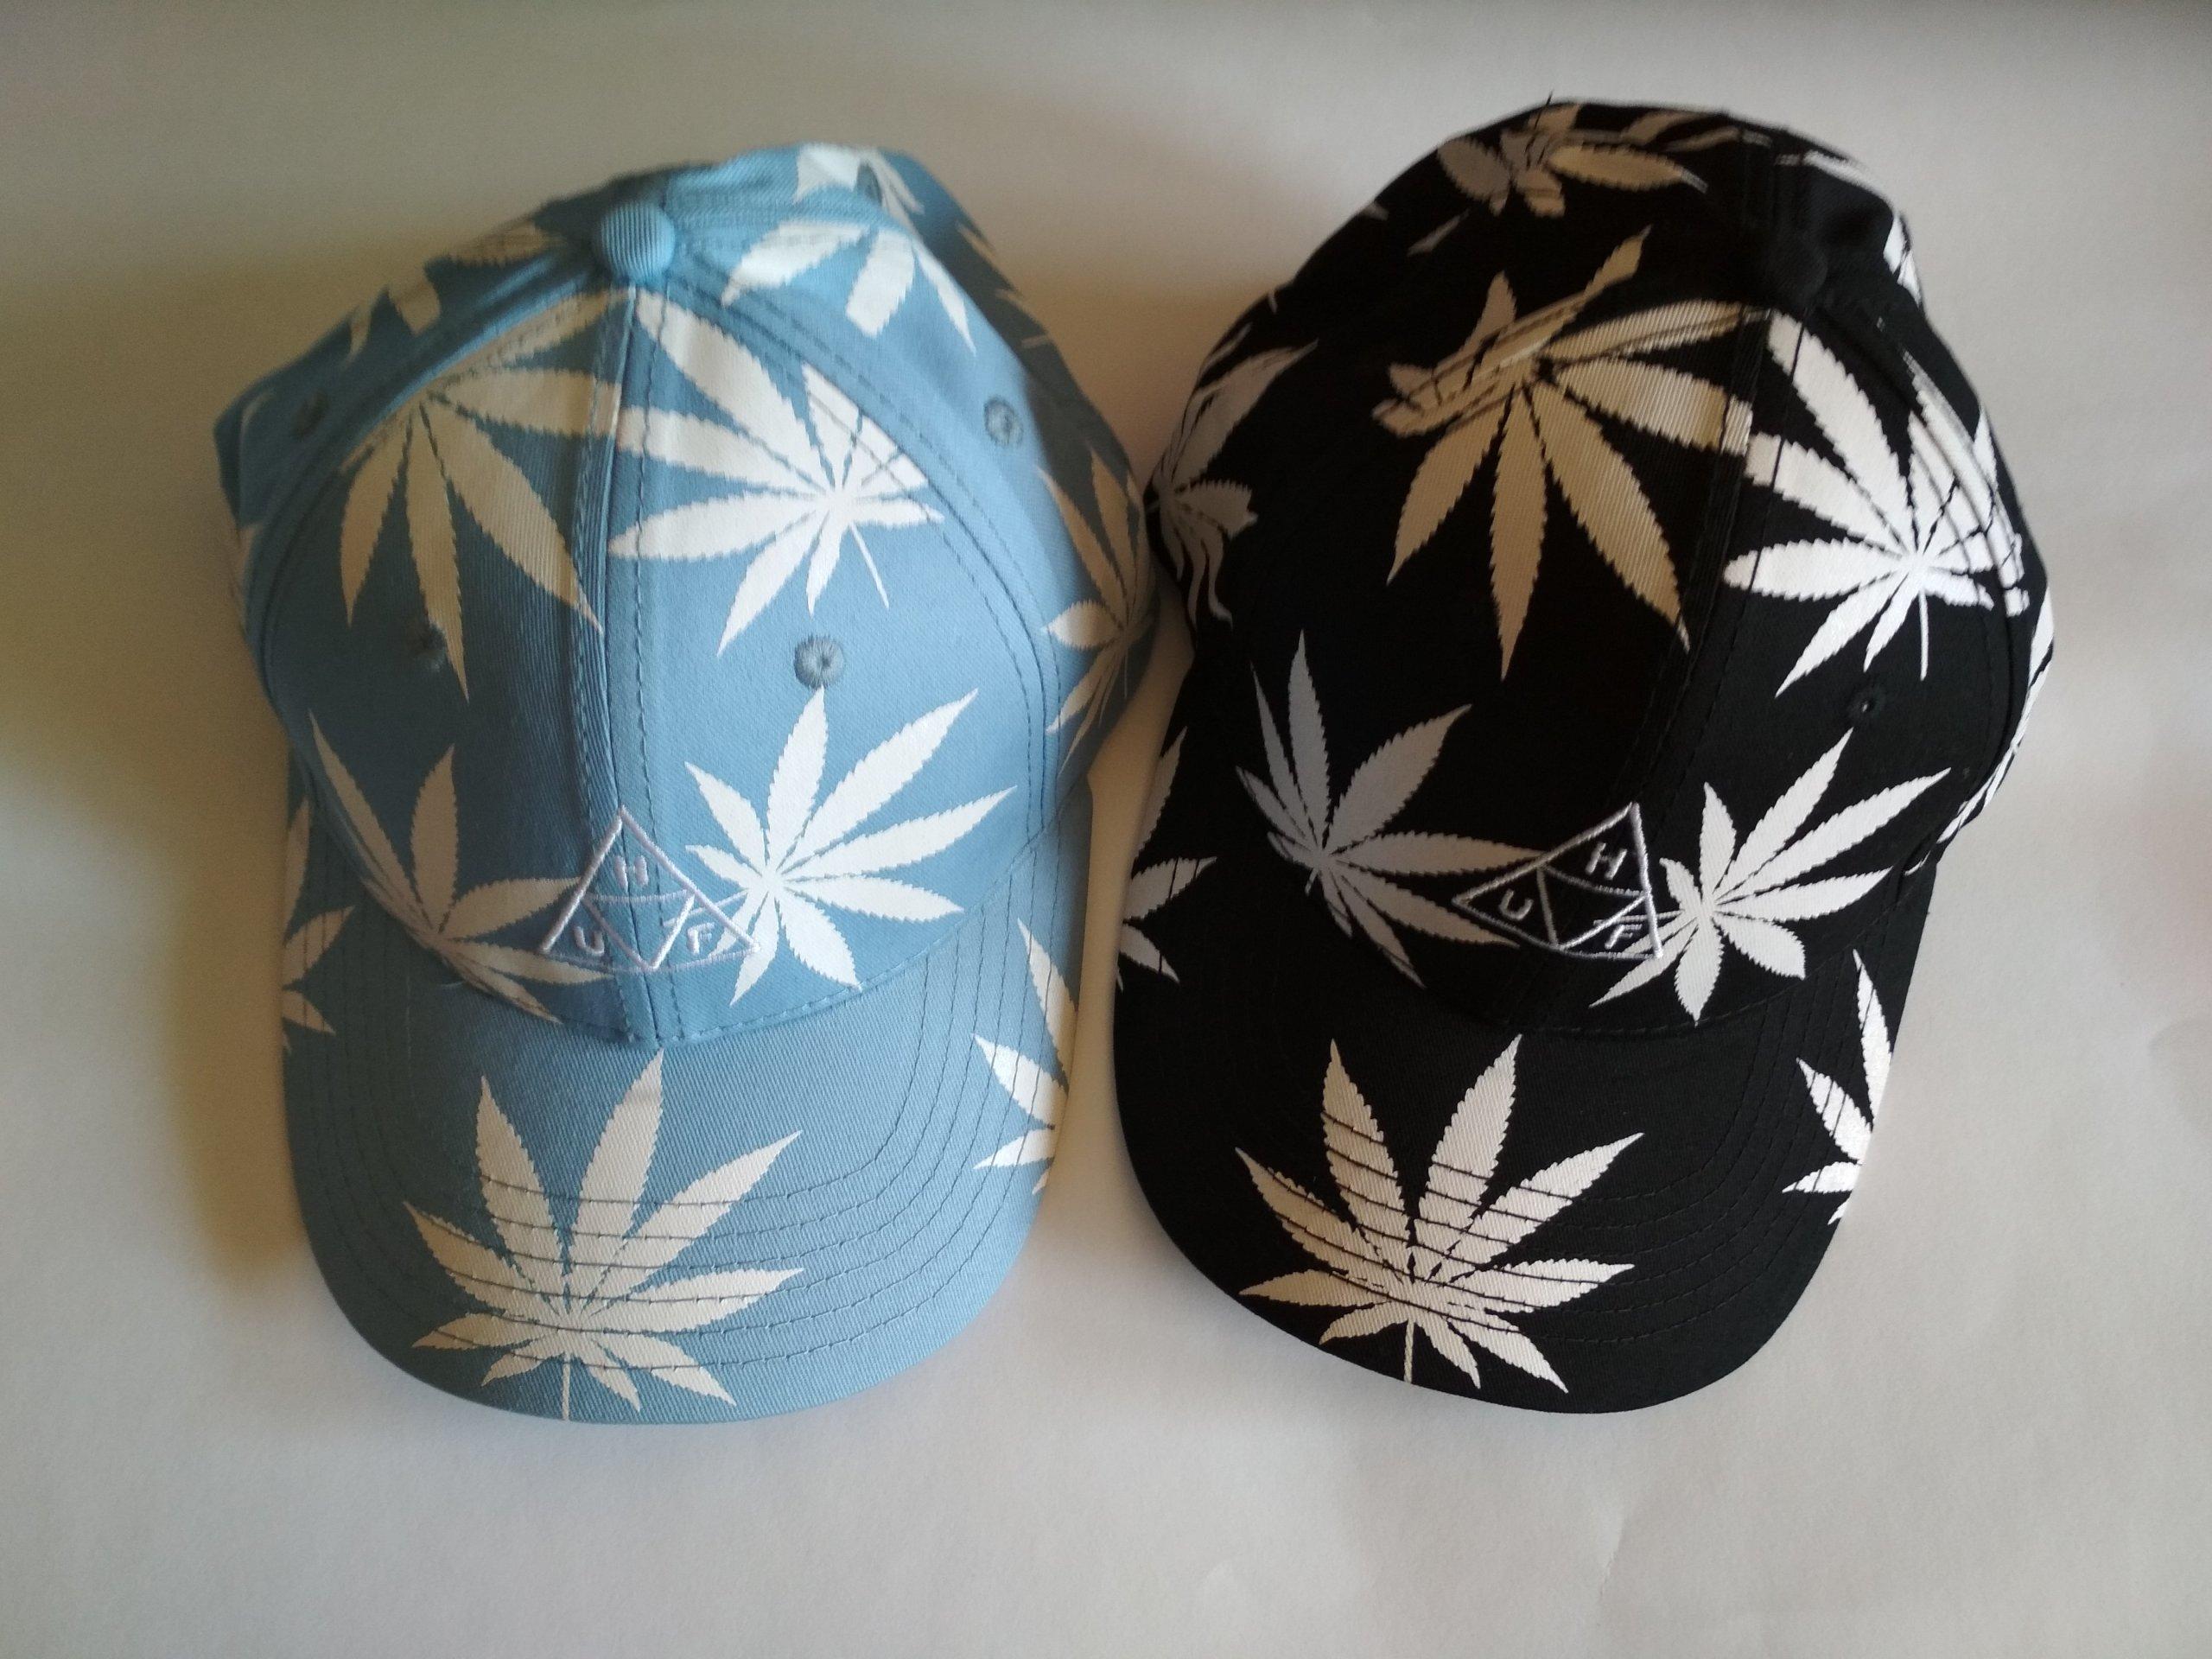 Najnowsza informacje dla wiele stylów Czapka Snapback Huf marihuana weed zioło CZAPECZKA